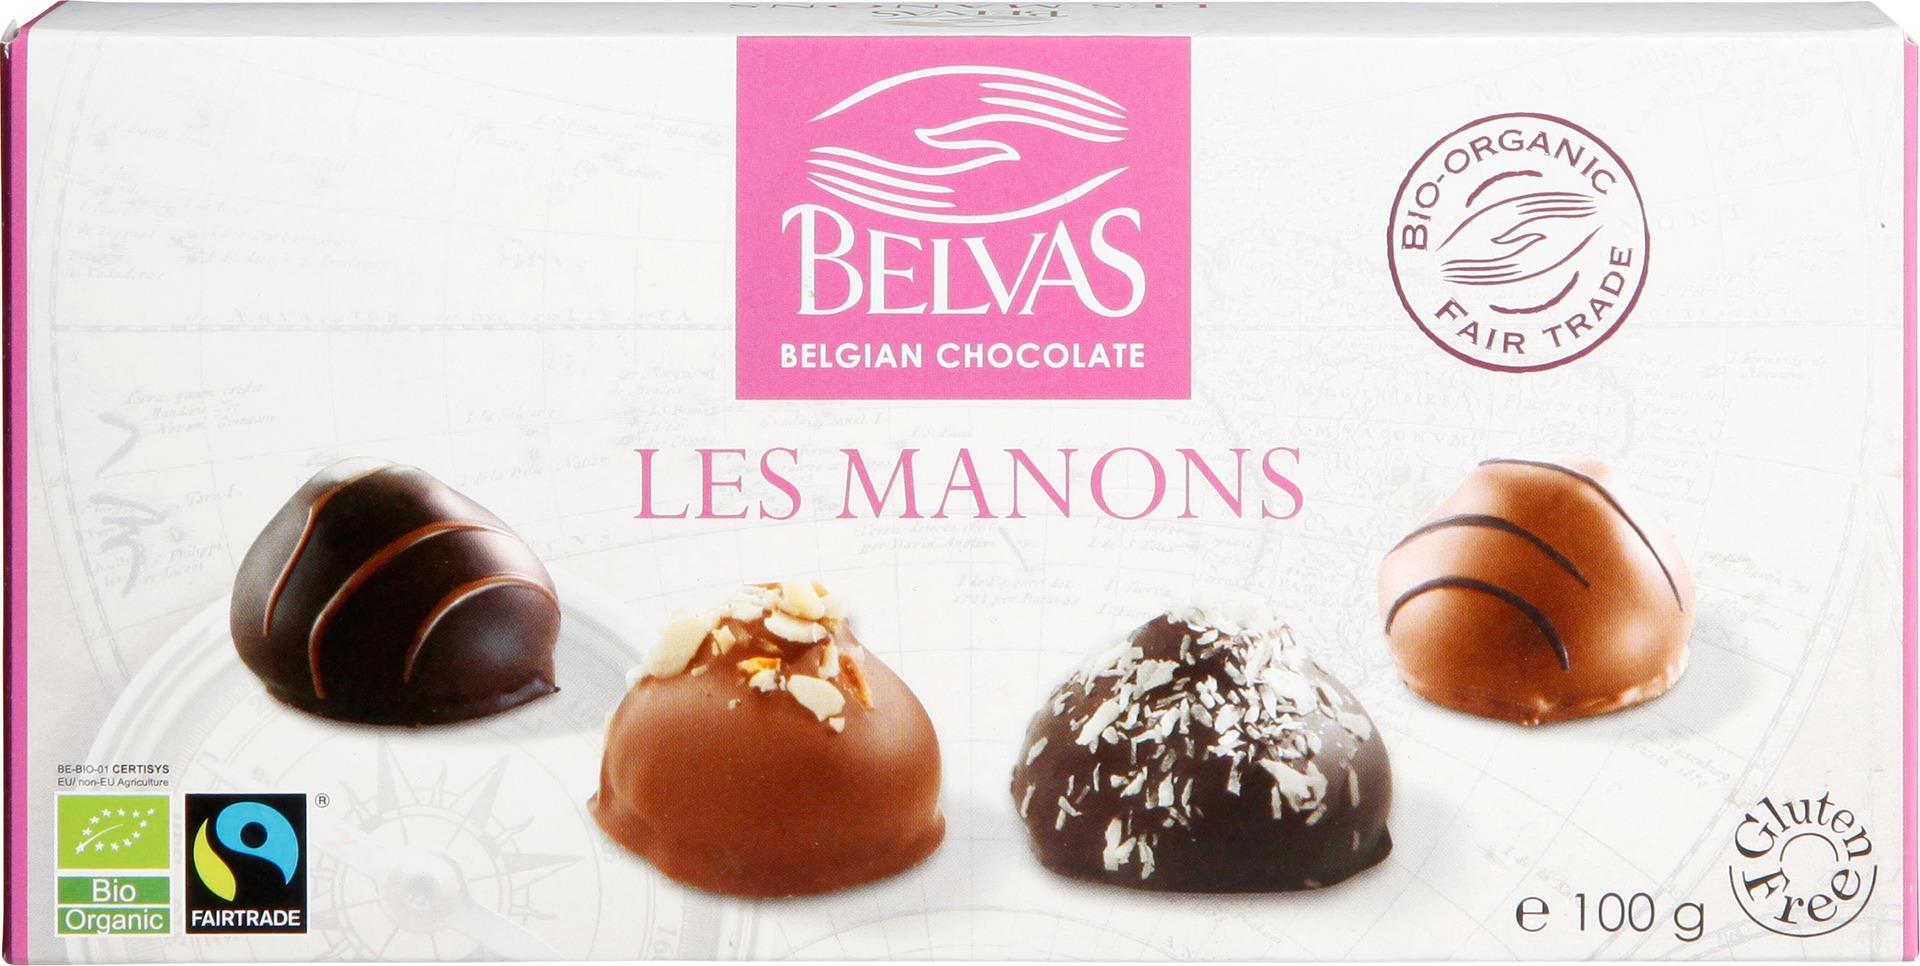 Biologische Belvas Bonbons Les Manons 100 gr